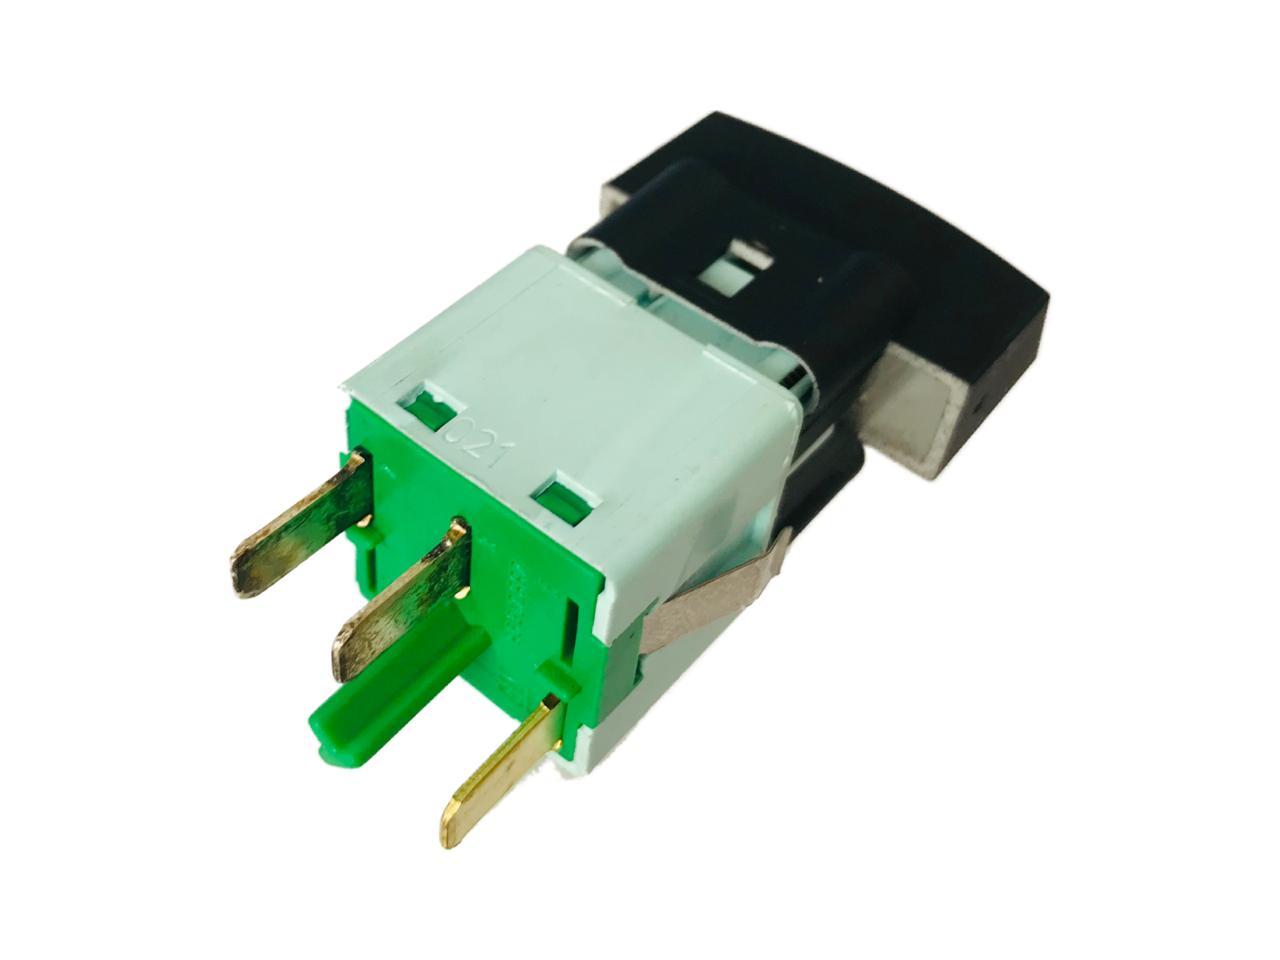 Botão Do Painel Interruptor De Aviso Alerta de Velocidade 93317997 Gm Vectra 06 07 08 09 010 011